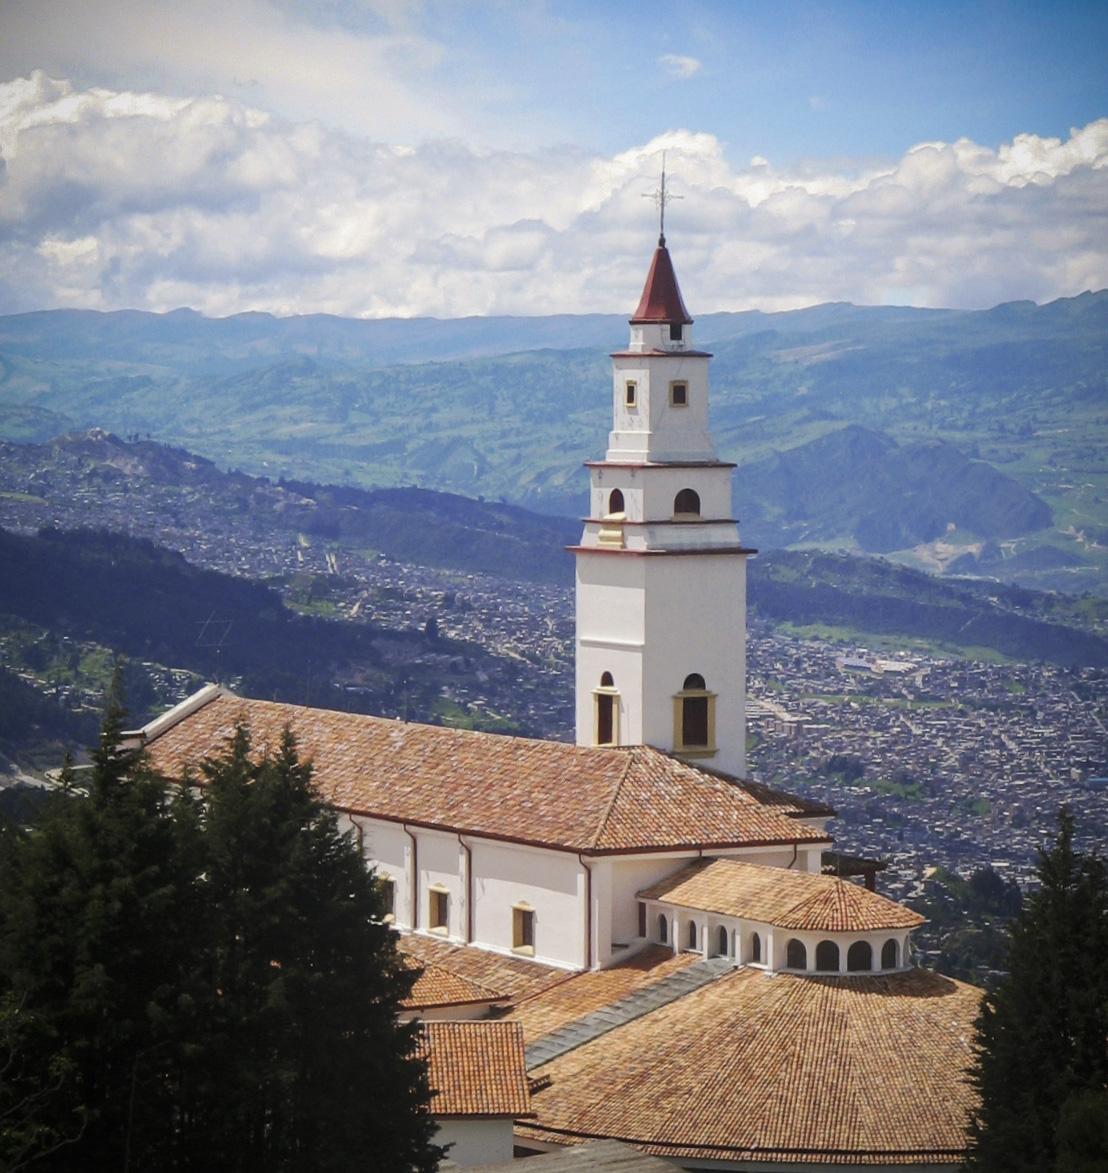 COLOMBIA!!! Santuario_de_Monserrate,_Bogot%C3%A1